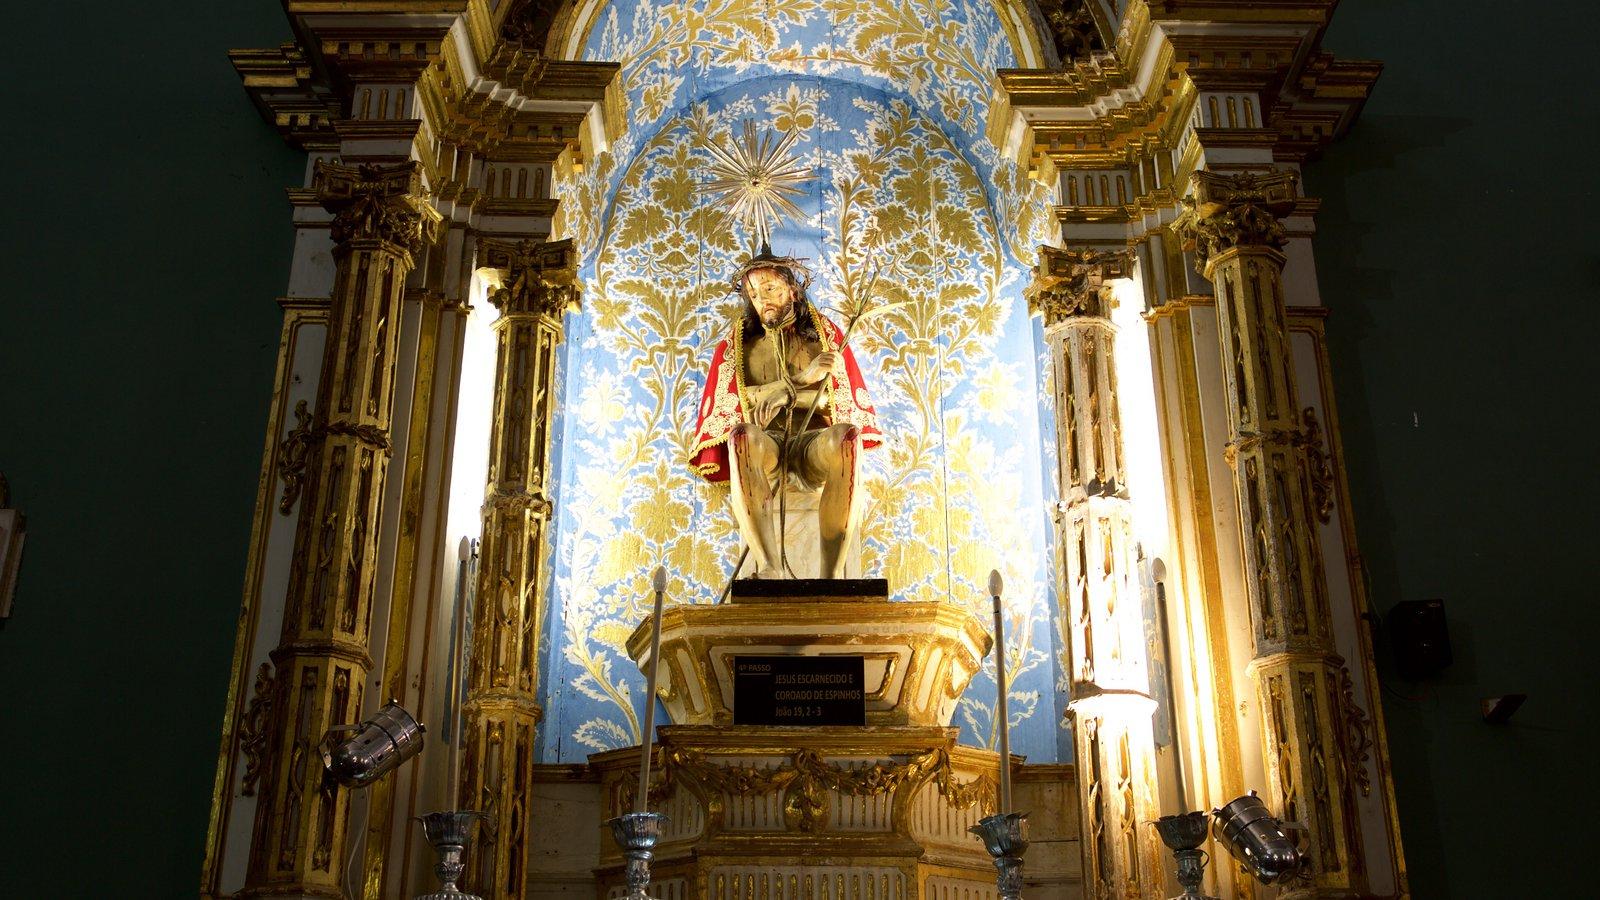 Igreja e Convento de São Francisco de Salvador que inclui uma igreja ou catedral, elementos religiosos e vistas internas